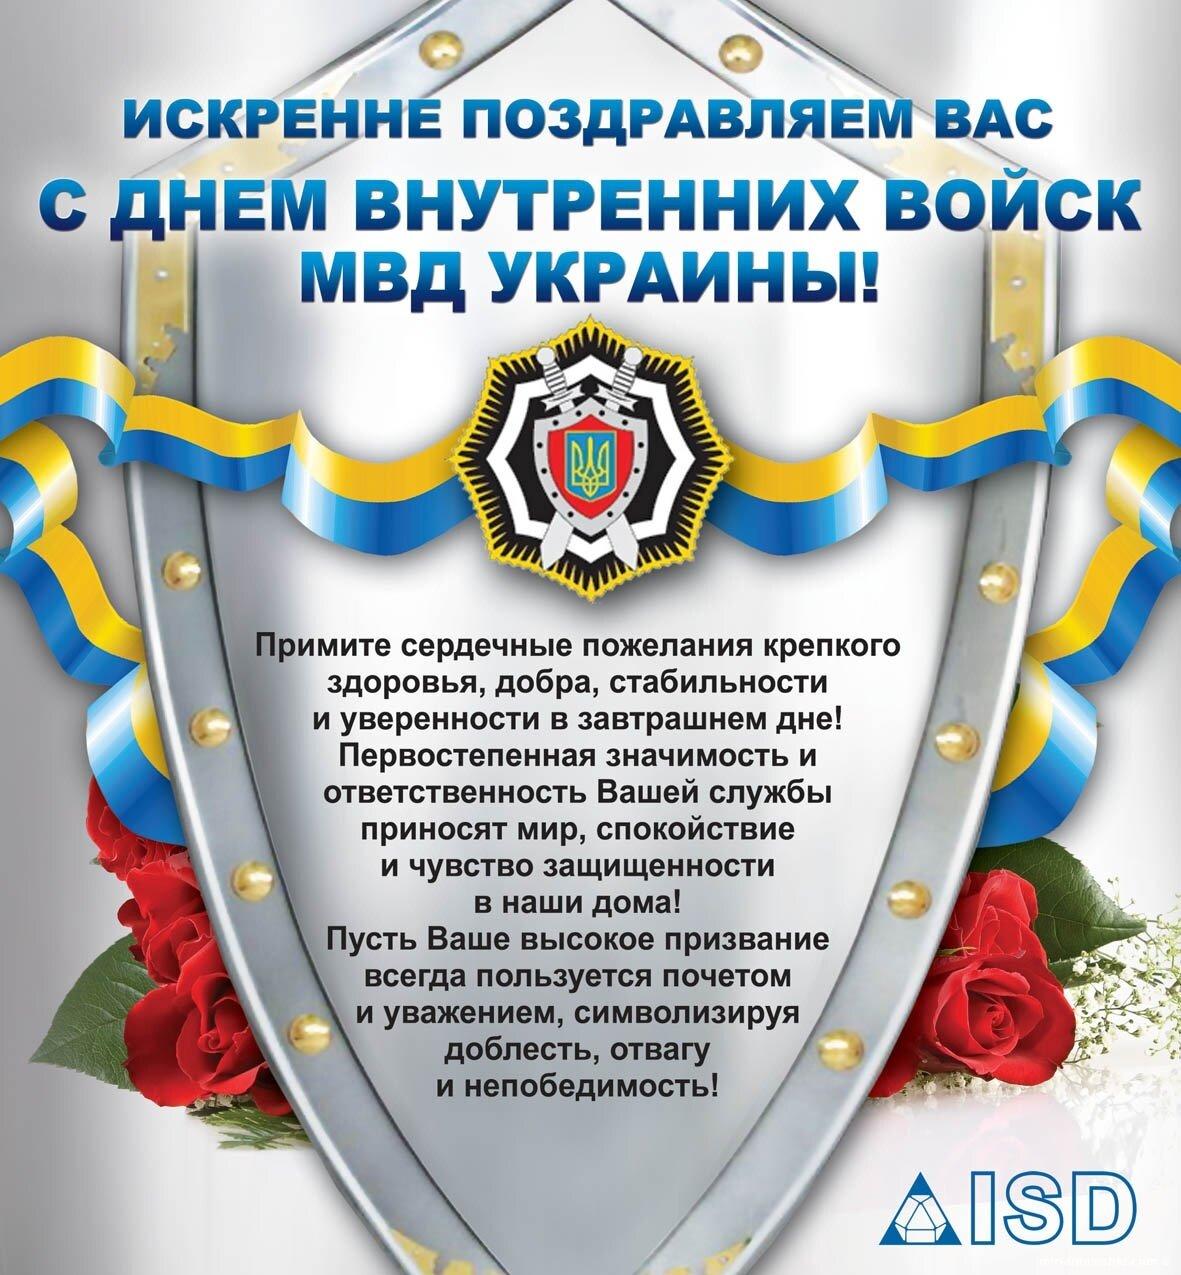 Поздравления и красивые открытки с днем внутренних войск мвд россии